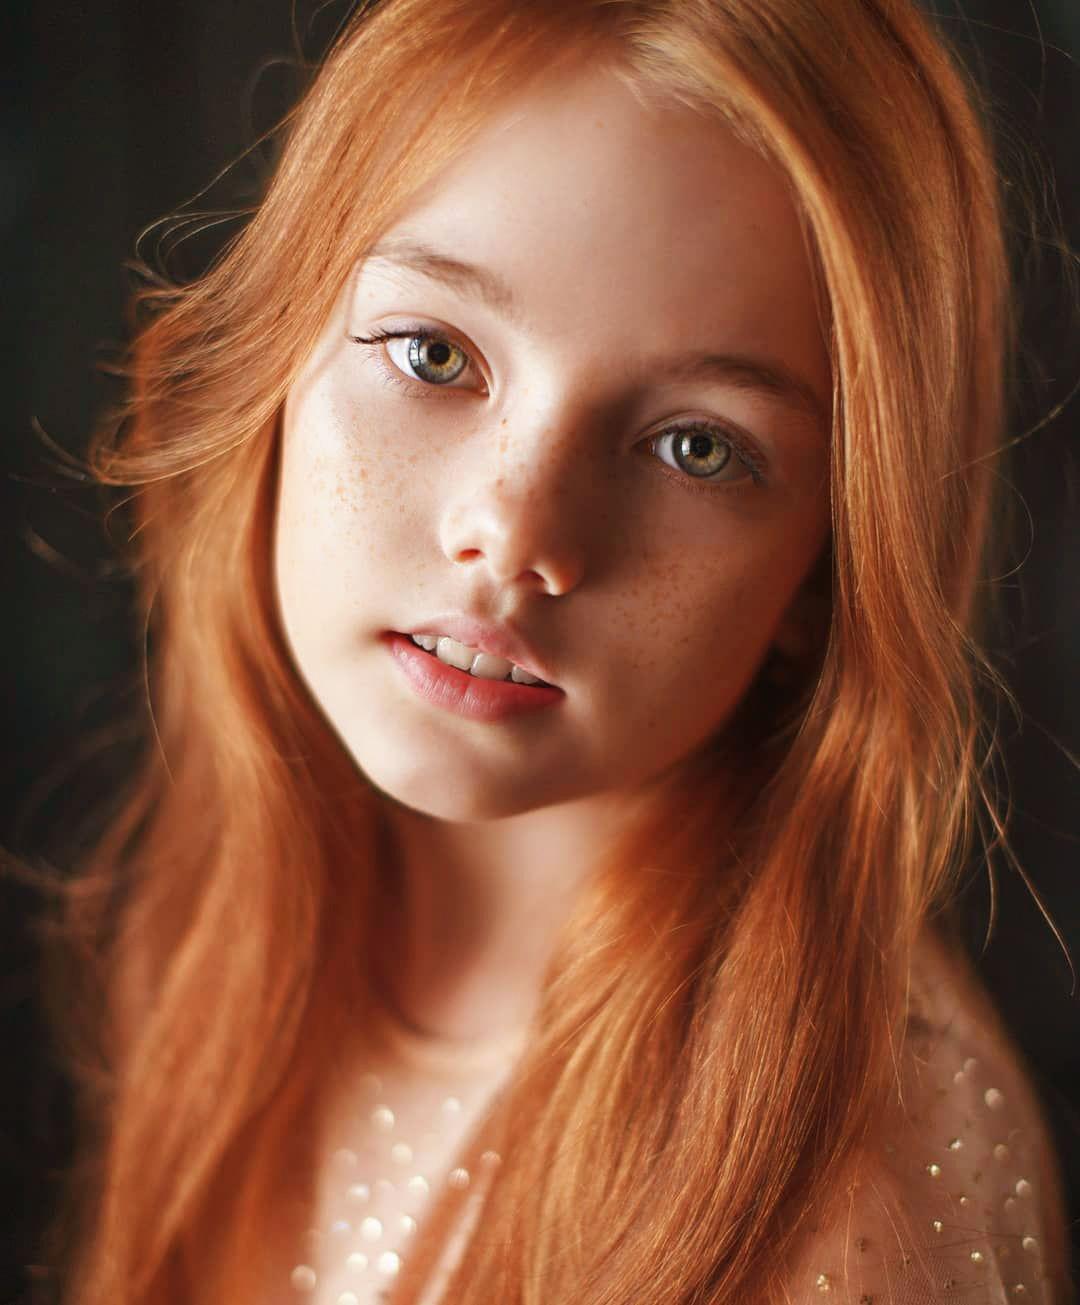 детские фото, идеи для детской фотосессии, фото ребенка ...